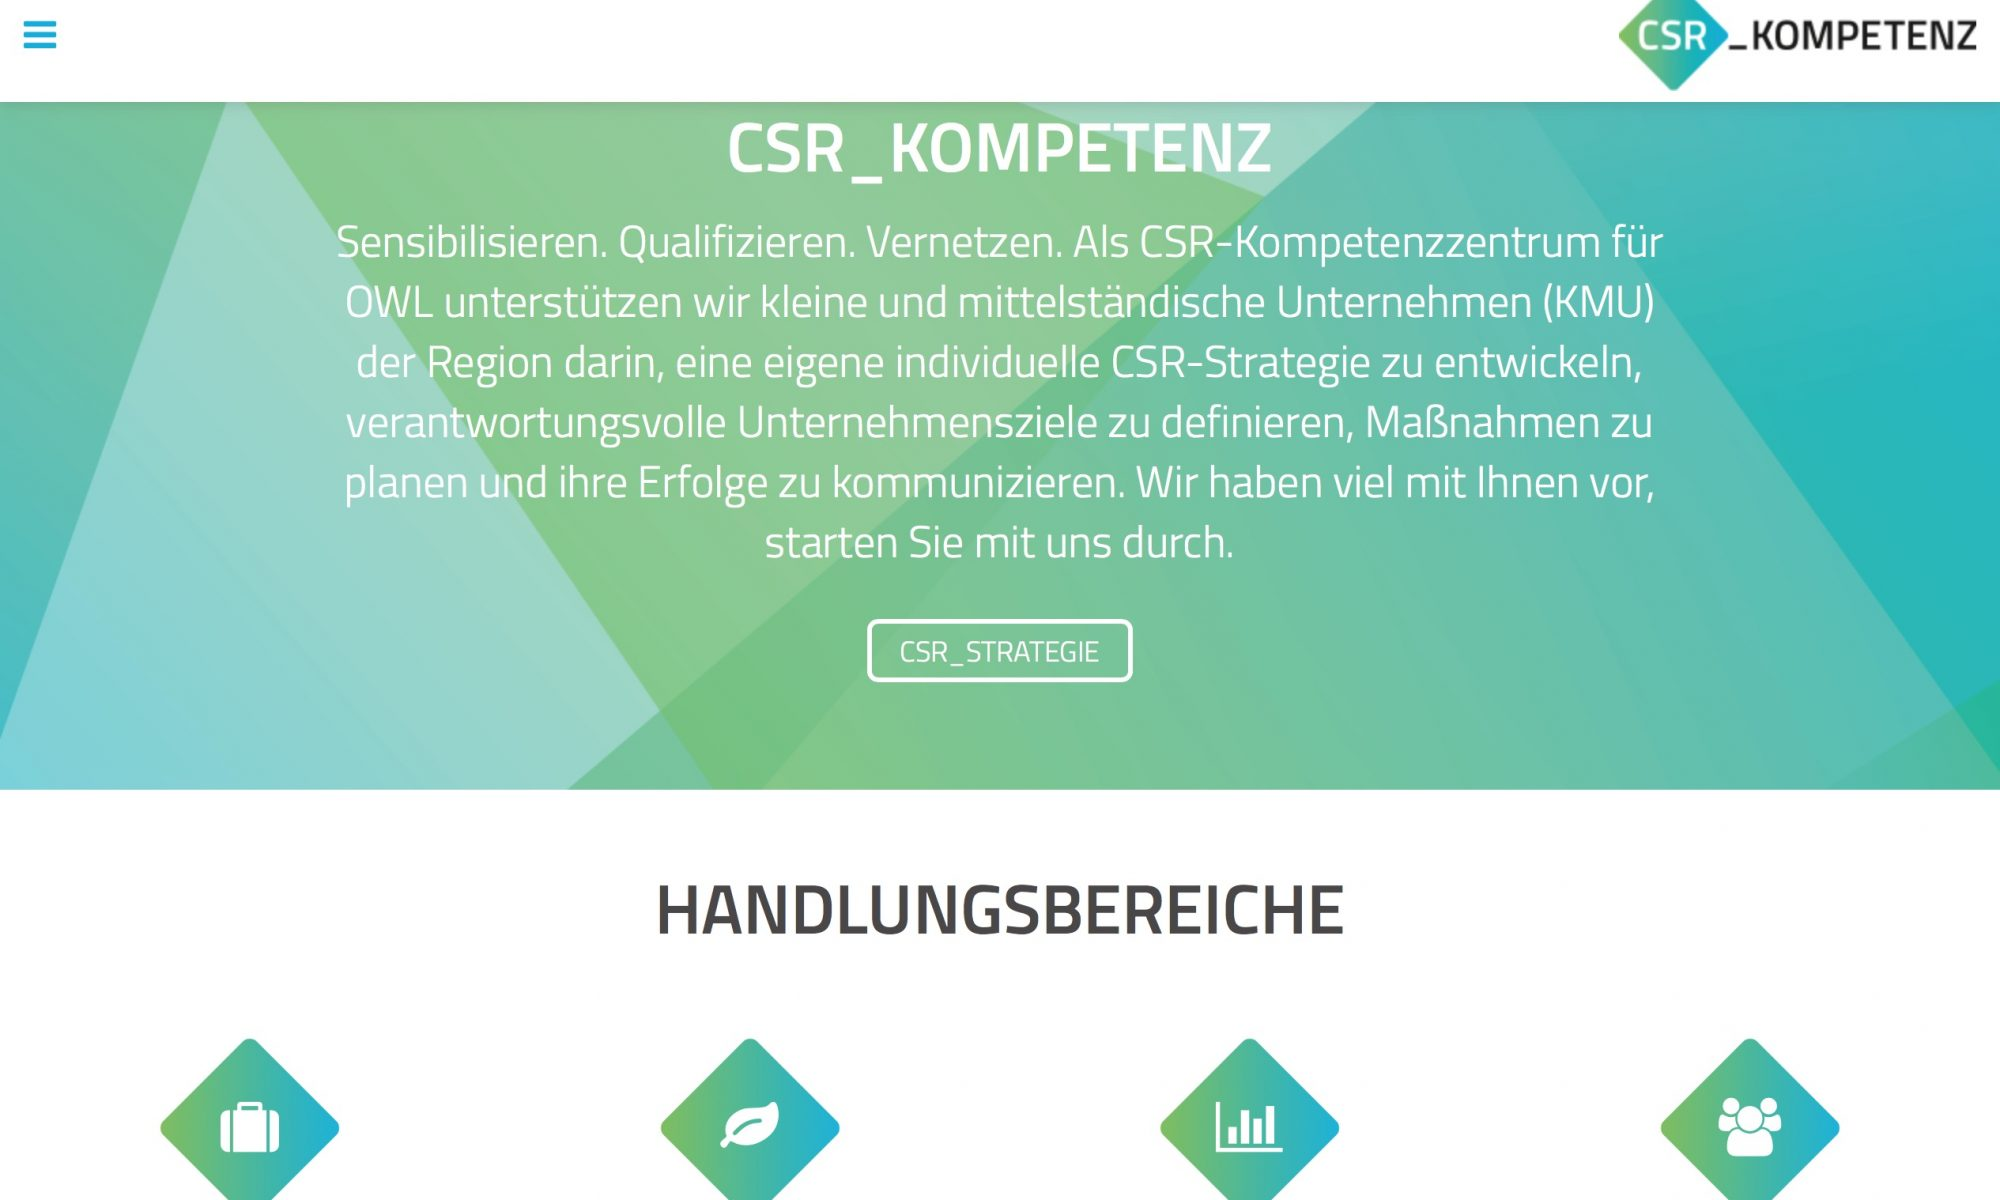 CSR Kompetenzzentrum